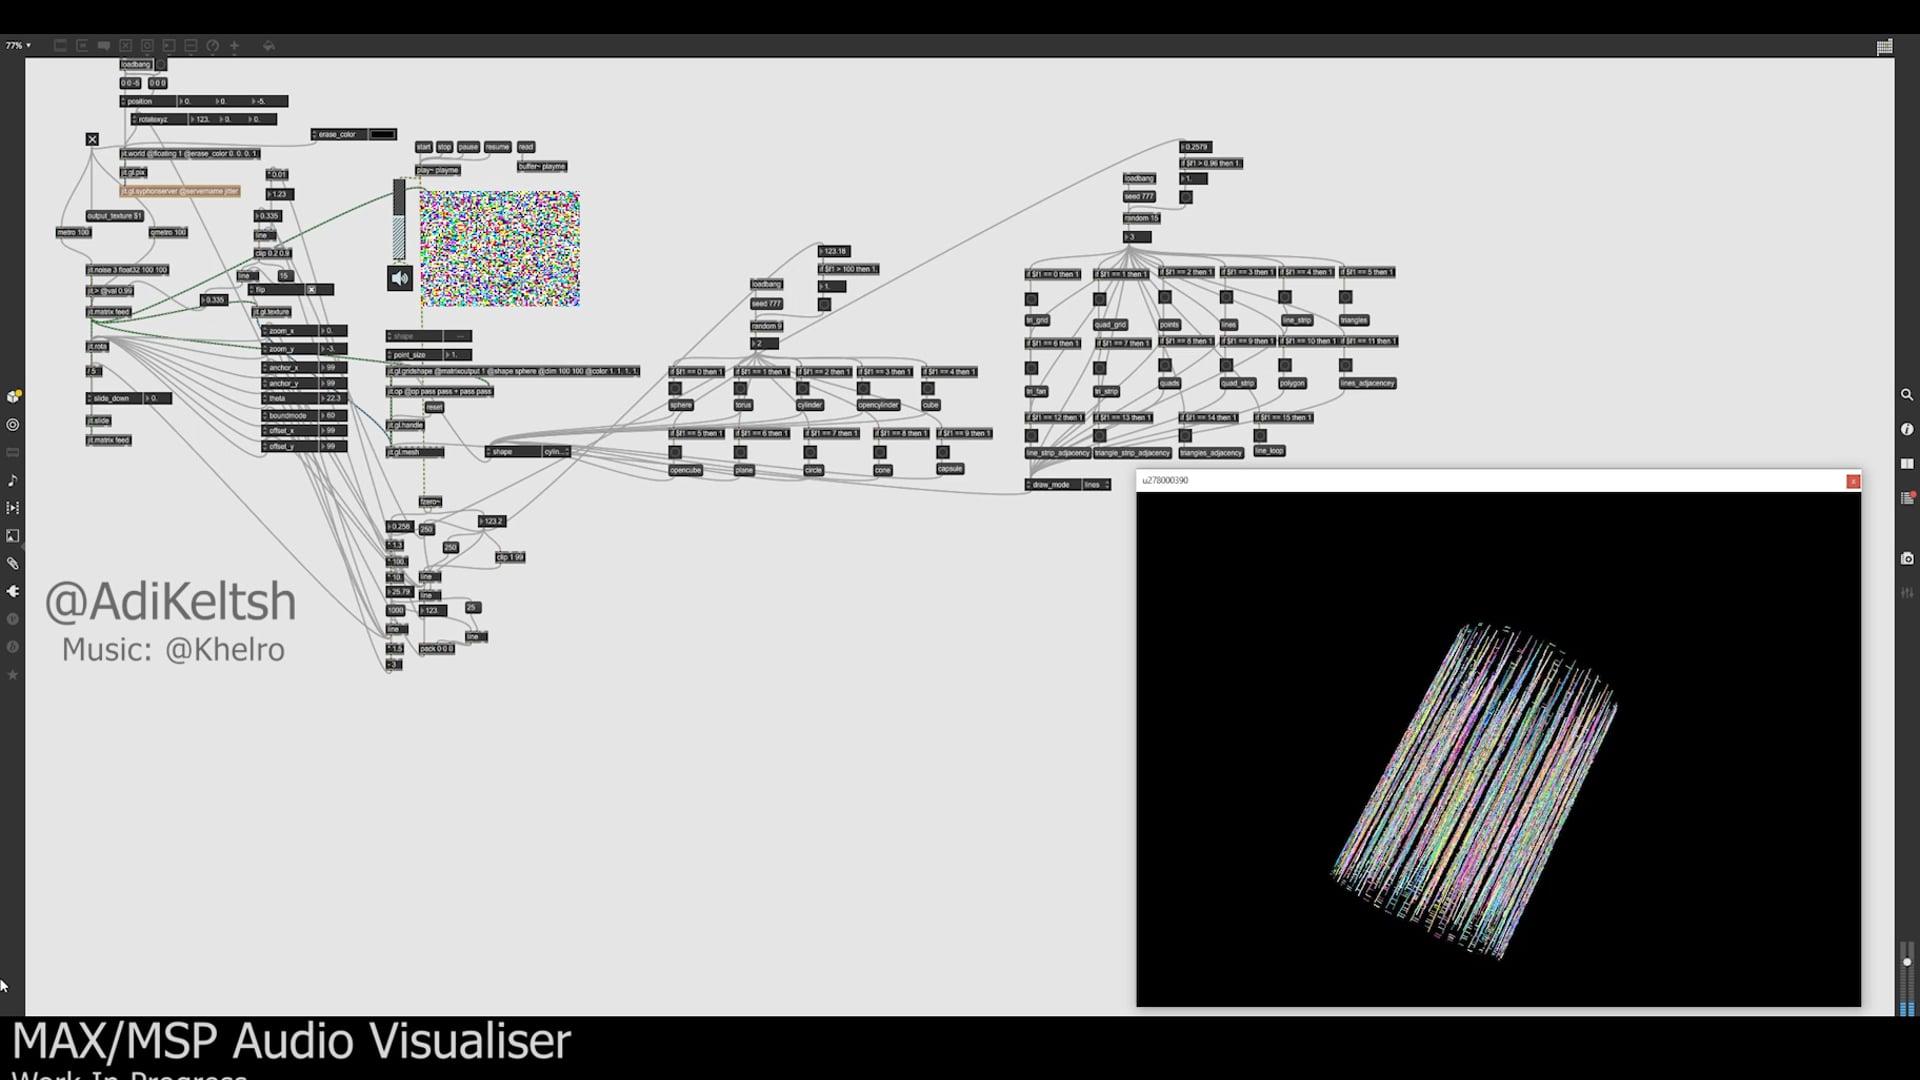 MAX/MSP Audio Visualiser